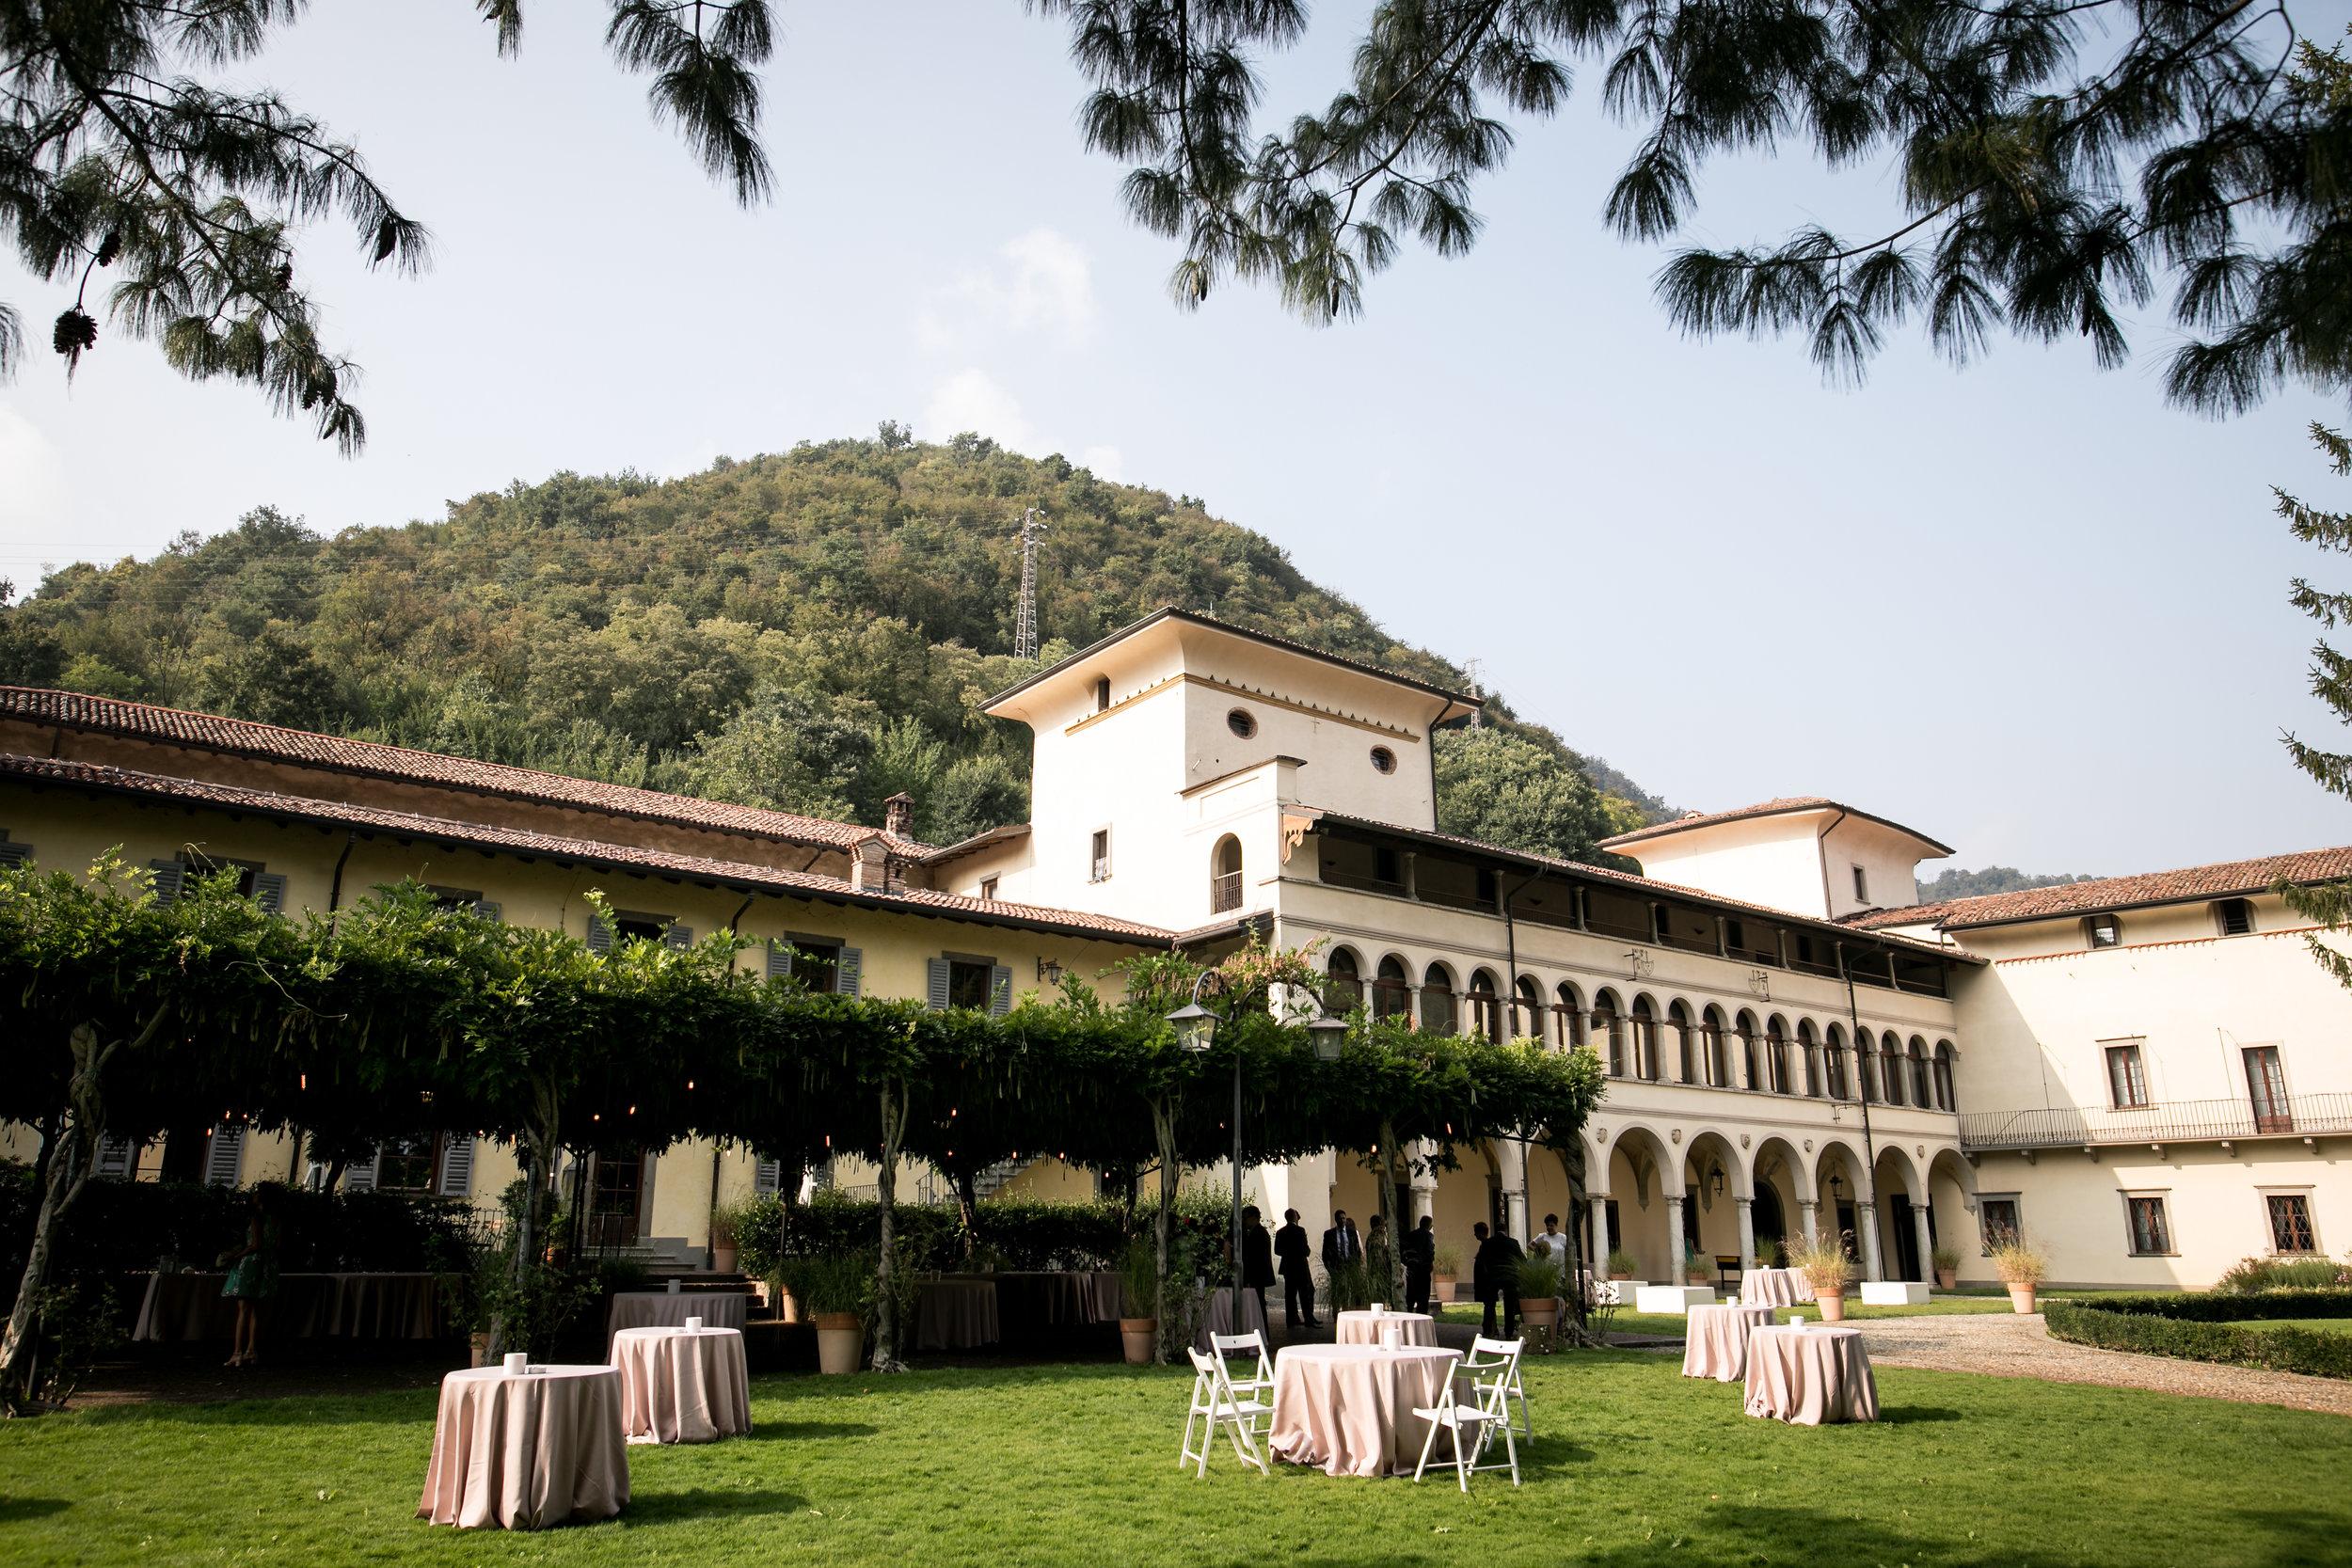 Vista del Castello di Clanezzo dal giardino antistante, con il pergolato in cui è stato allestito l'aperitivo.